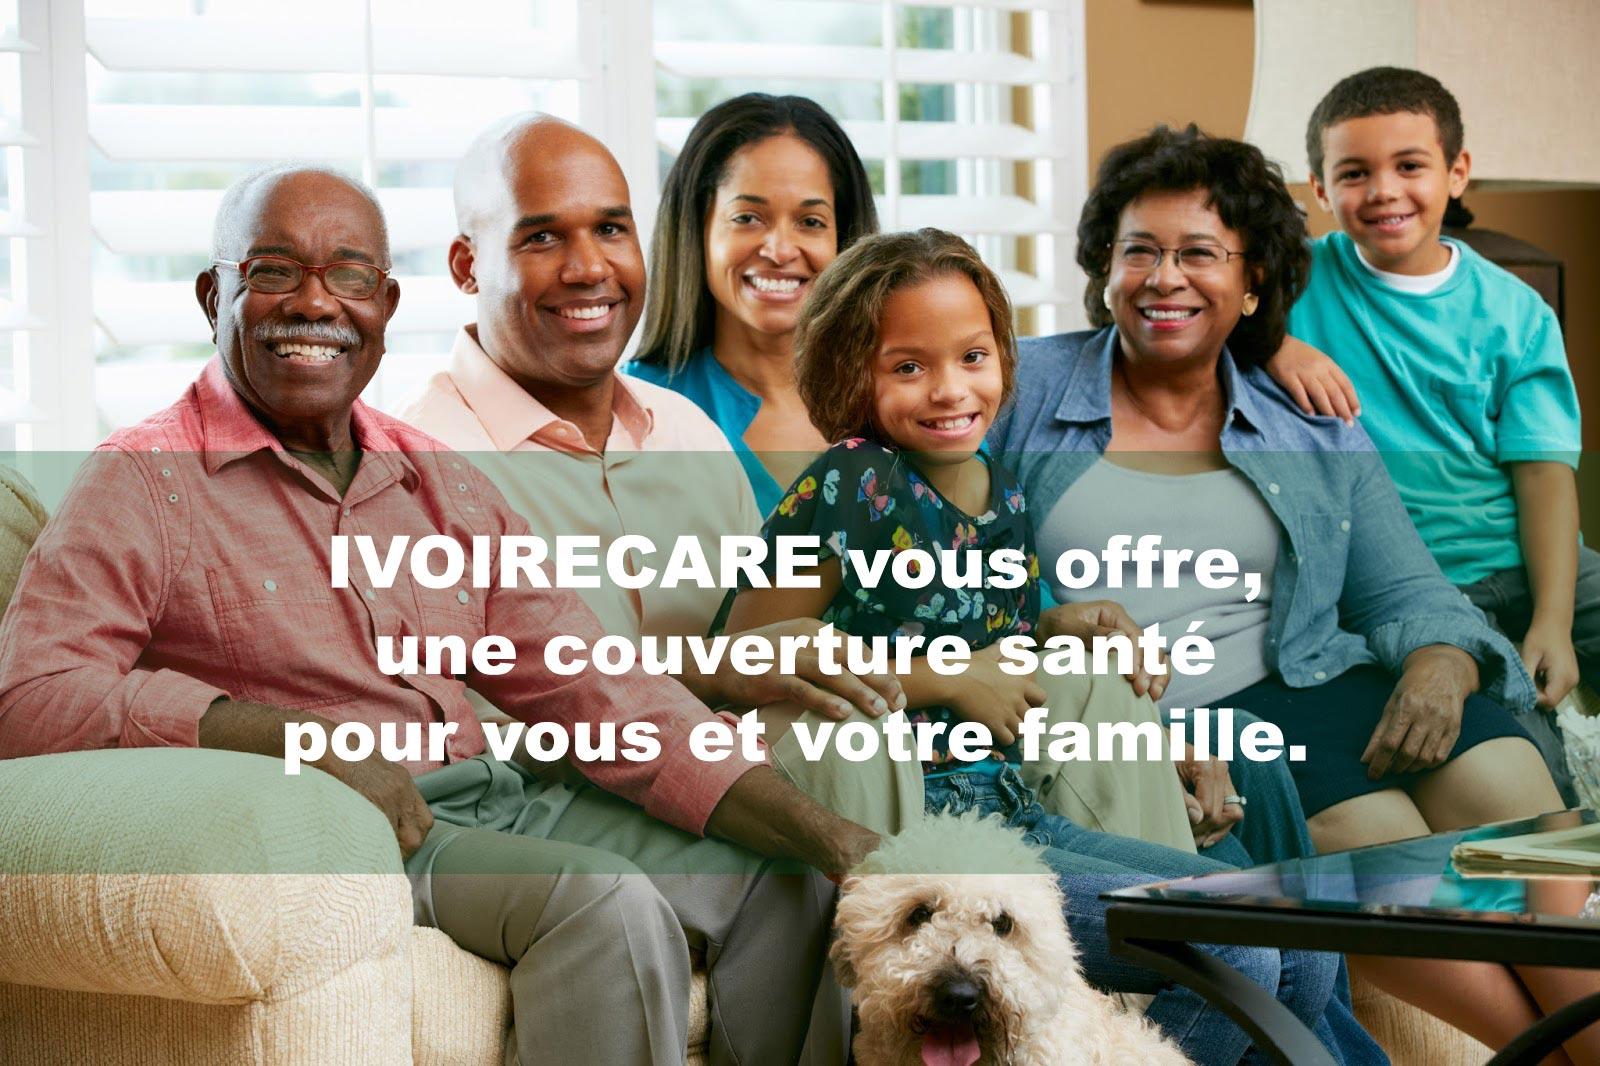 Mutuelle santé Ivoiriennne